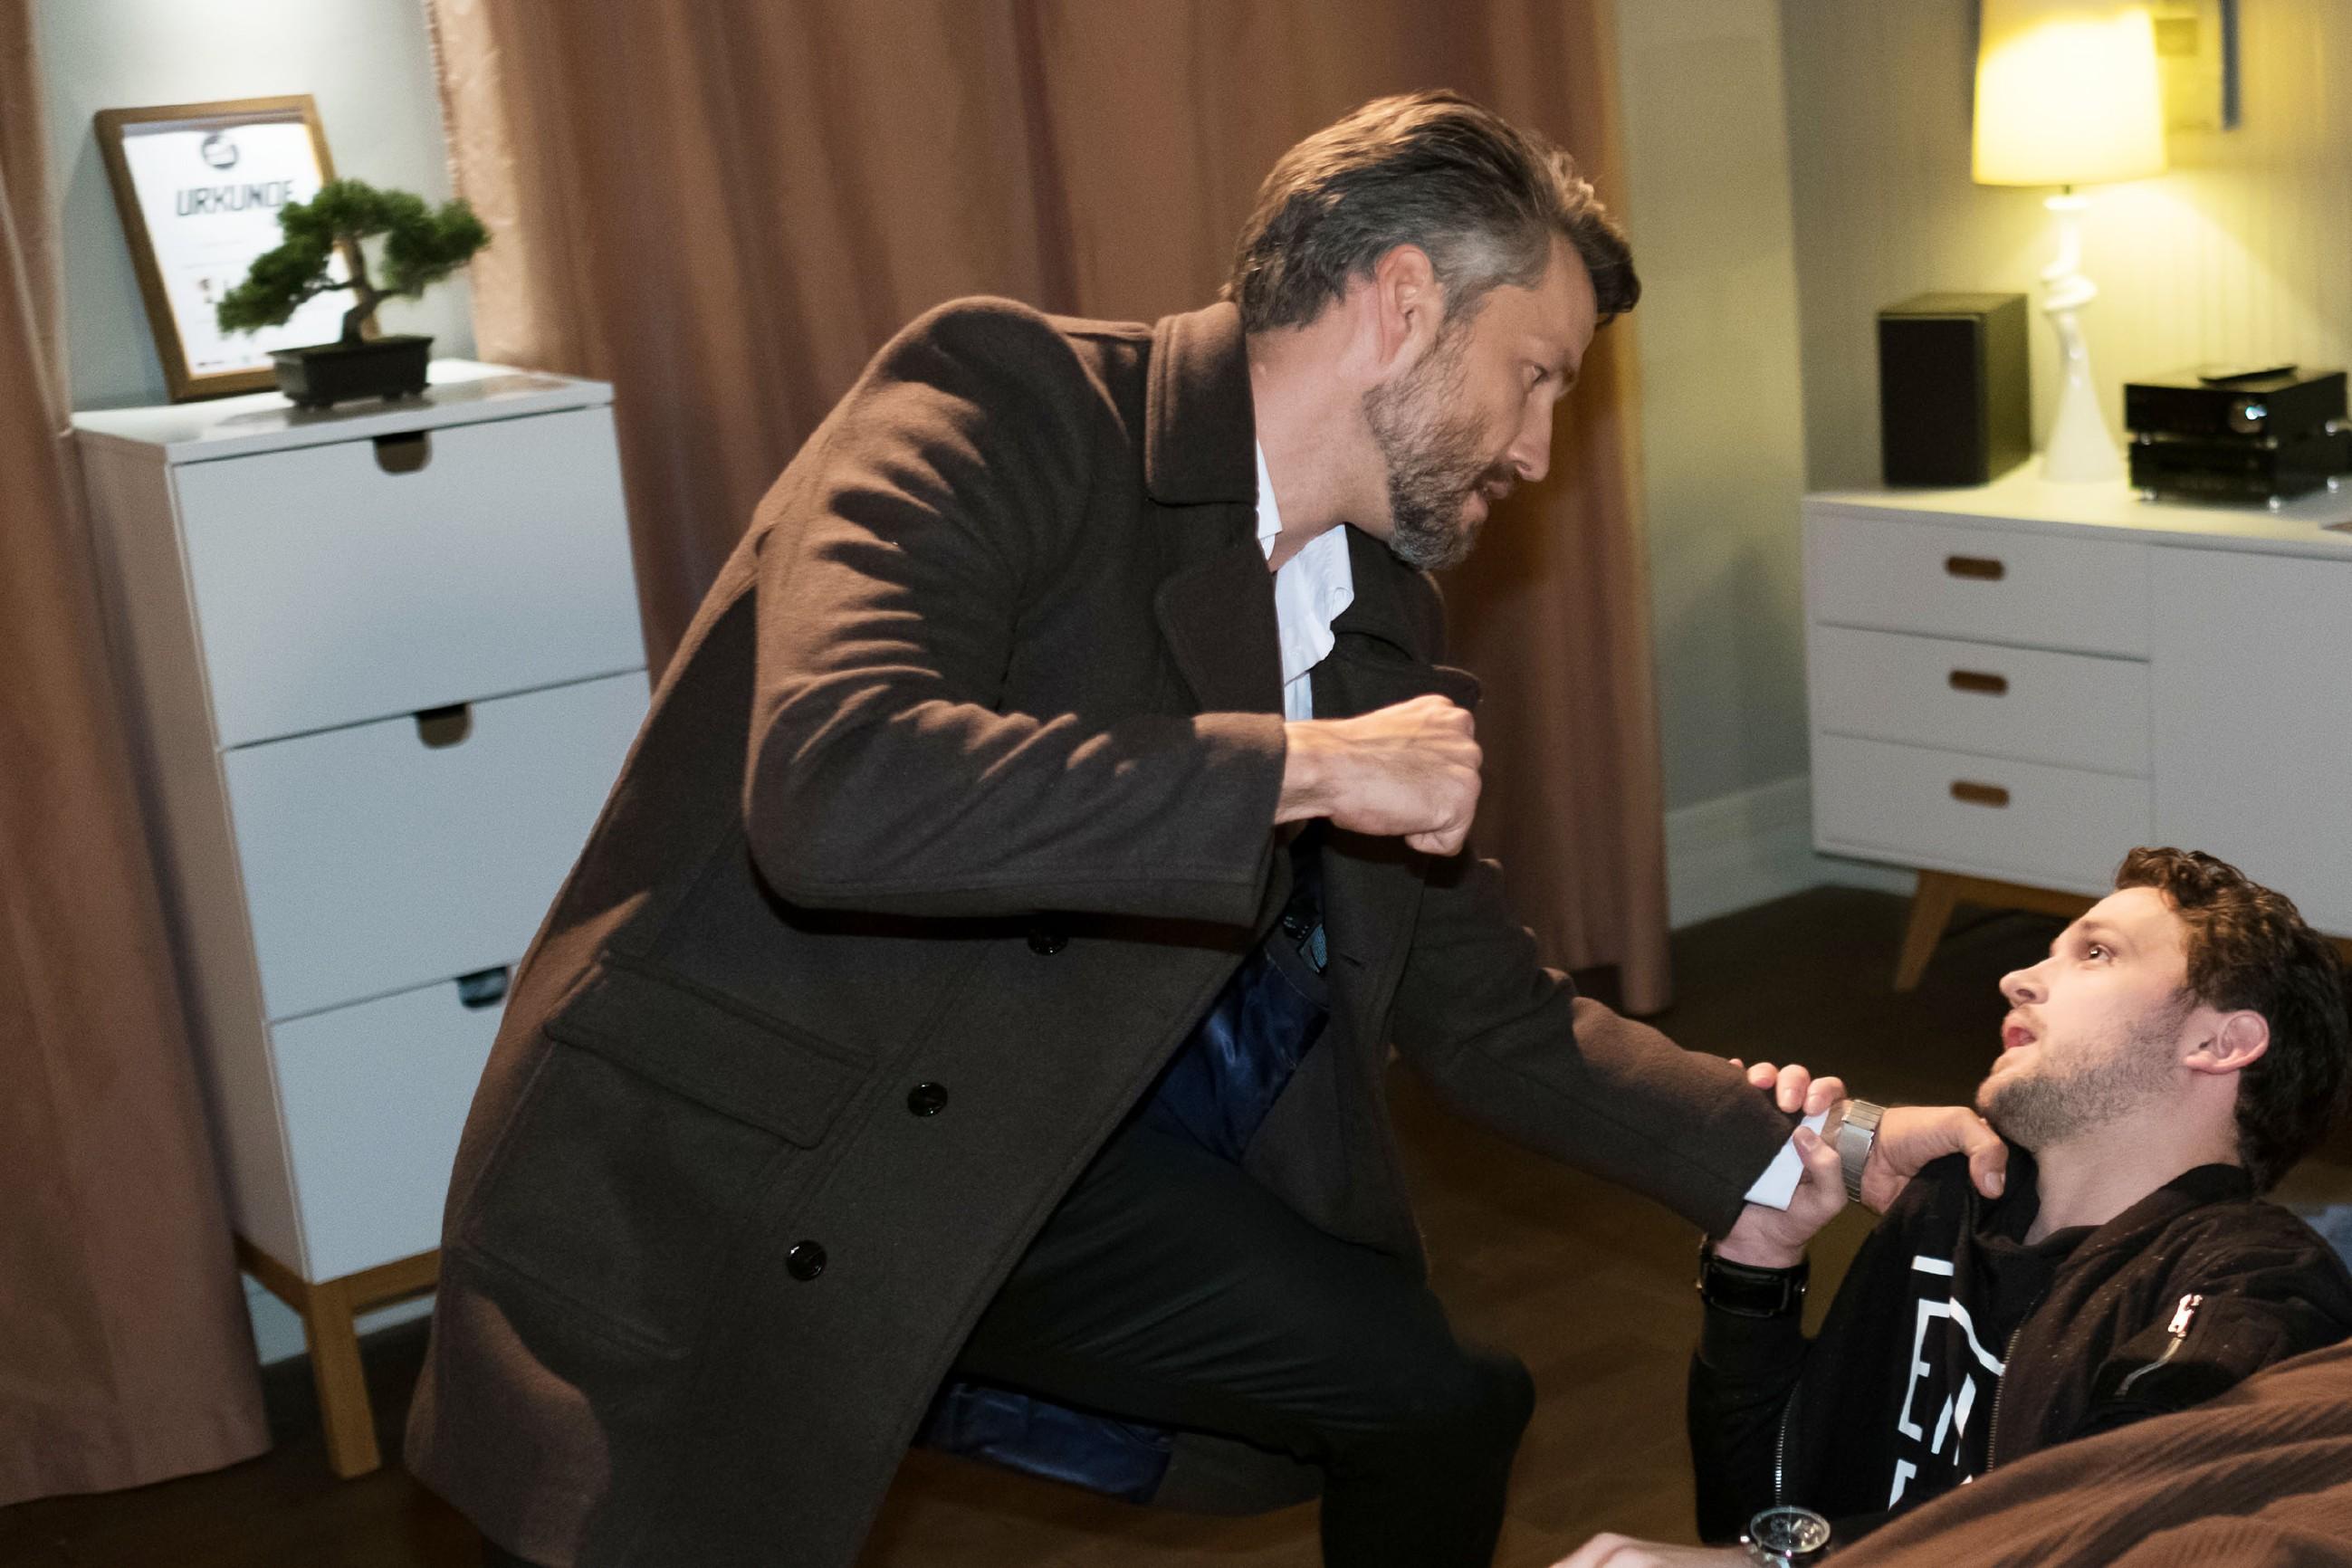 Als Mario (Arne Rudolf, r.) in Maltes (Stefan Bockelmann) Wohnung auf ihn wartet und drohend das Geld einfordert, kommt es zum erbitterten Kampf zwischen den beiden... (Quelle: RTL / Stefan Behrens)